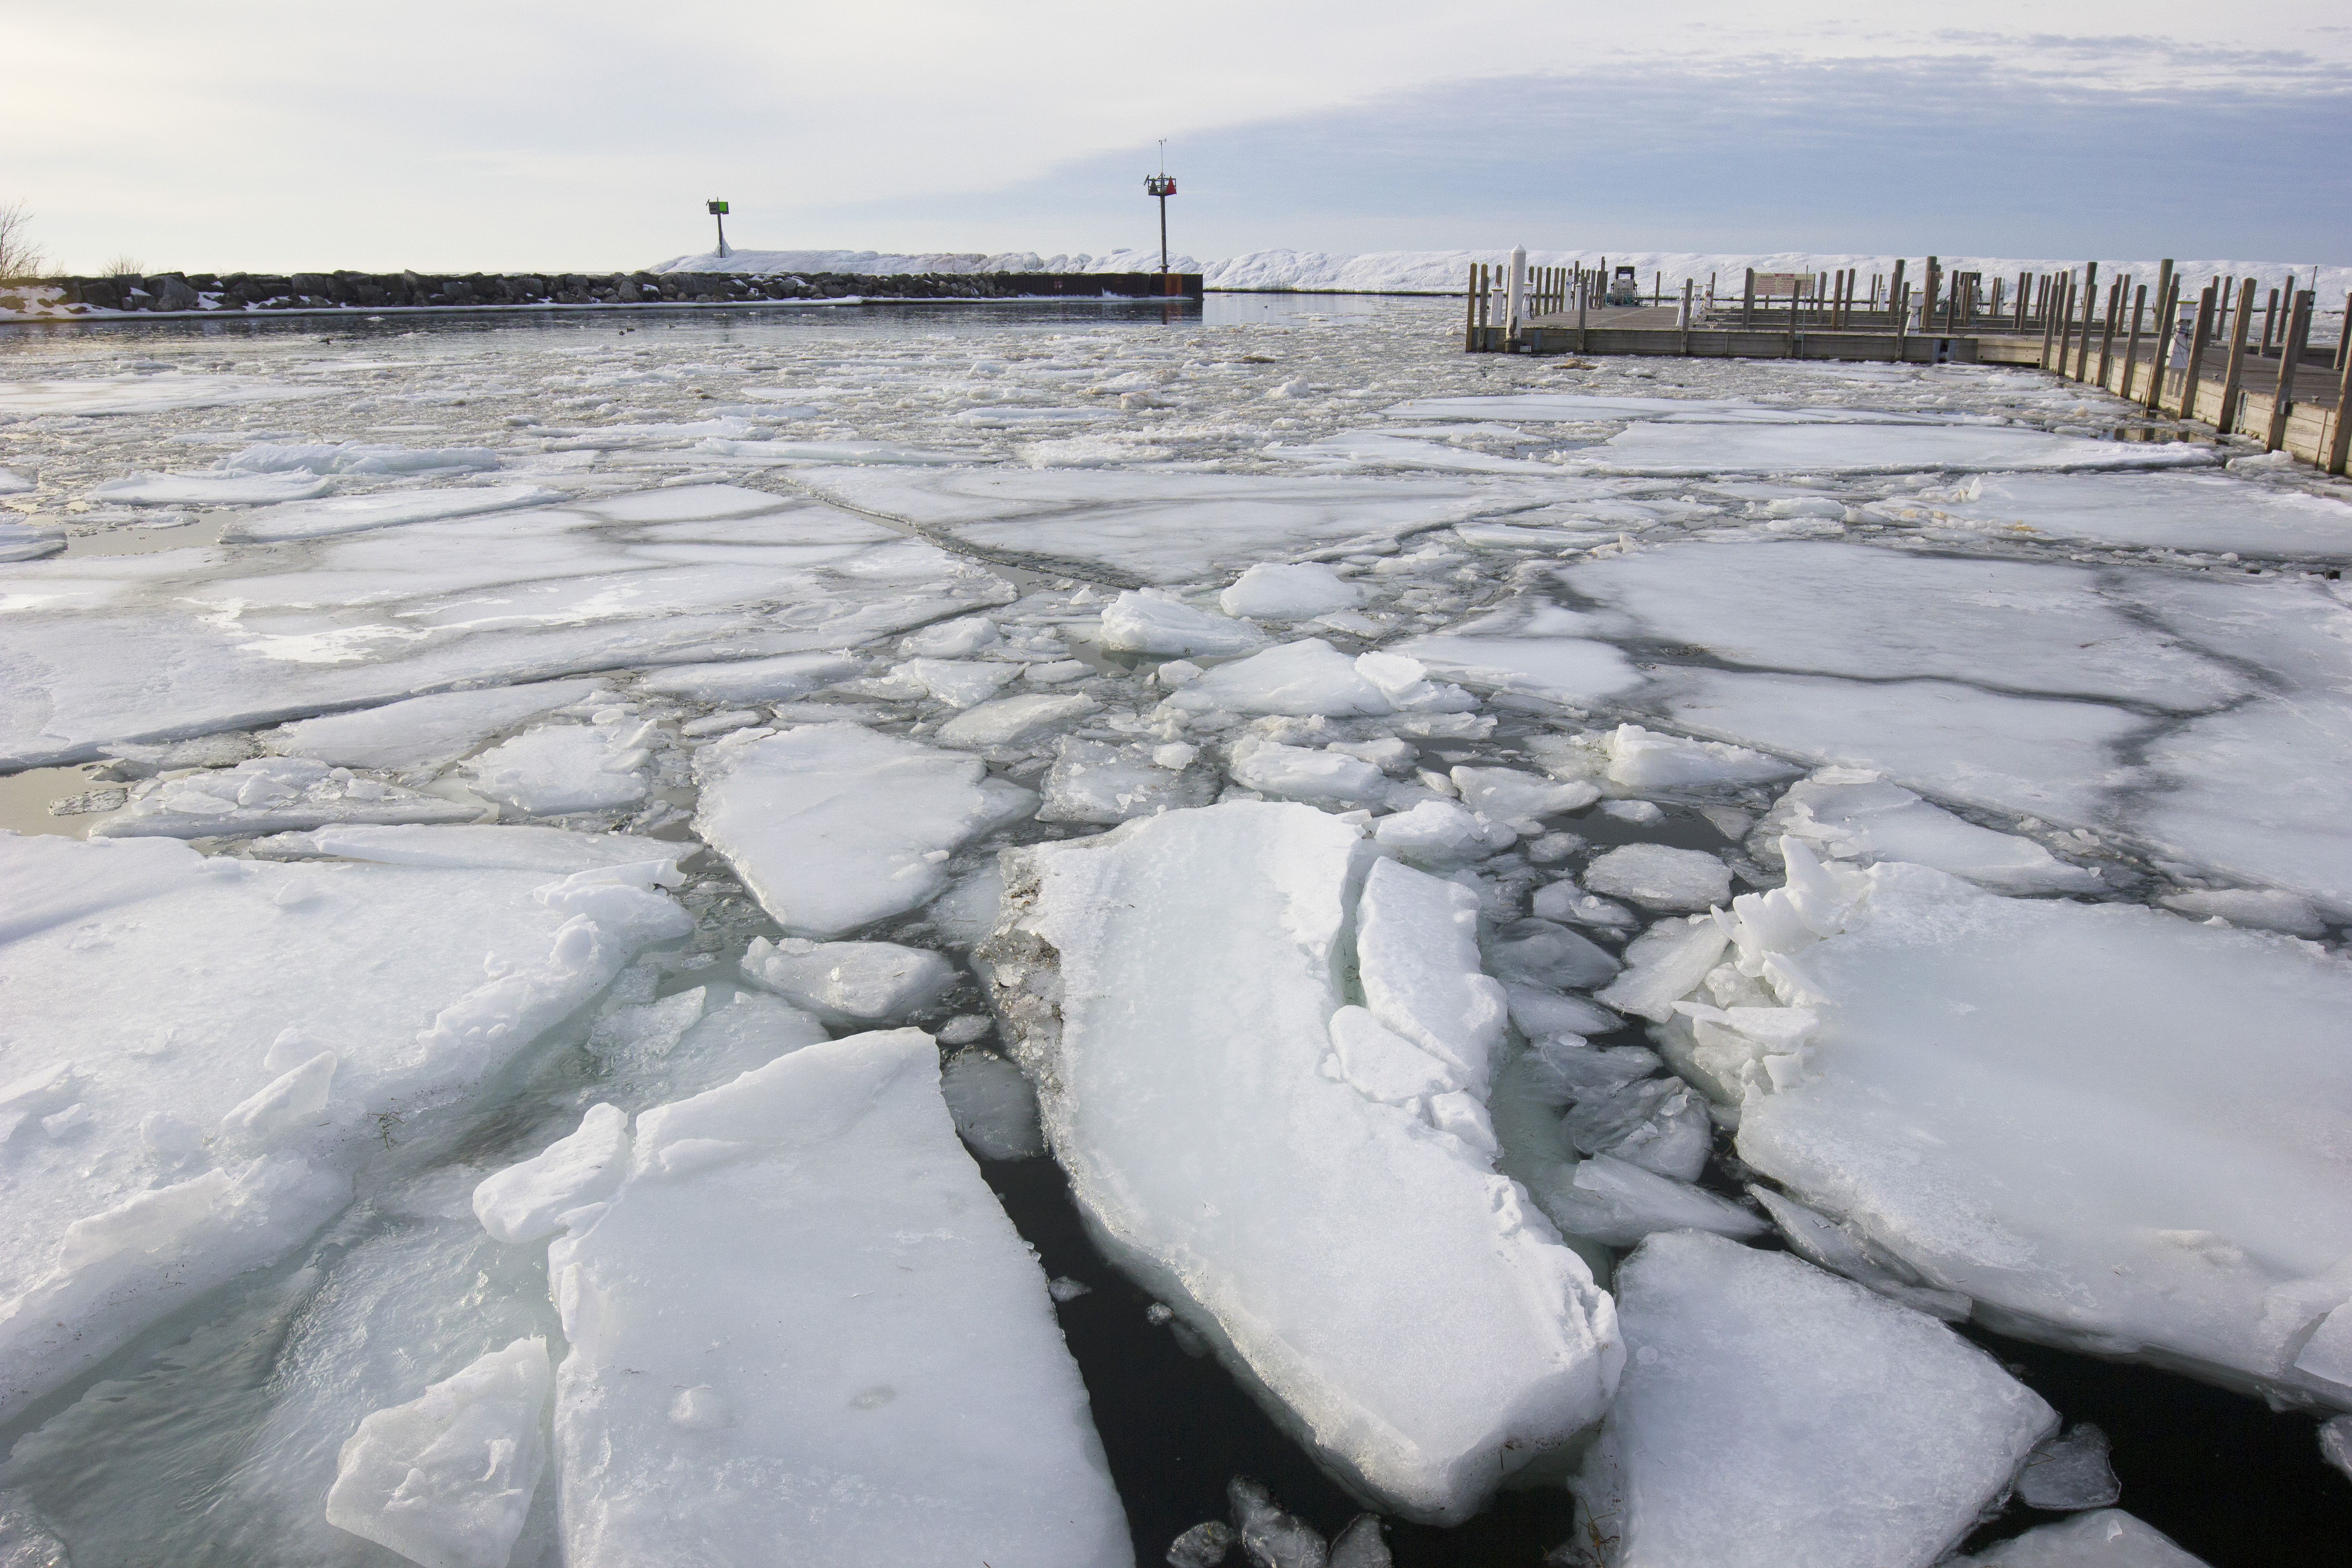 Broken ice near the dock at Fishtown